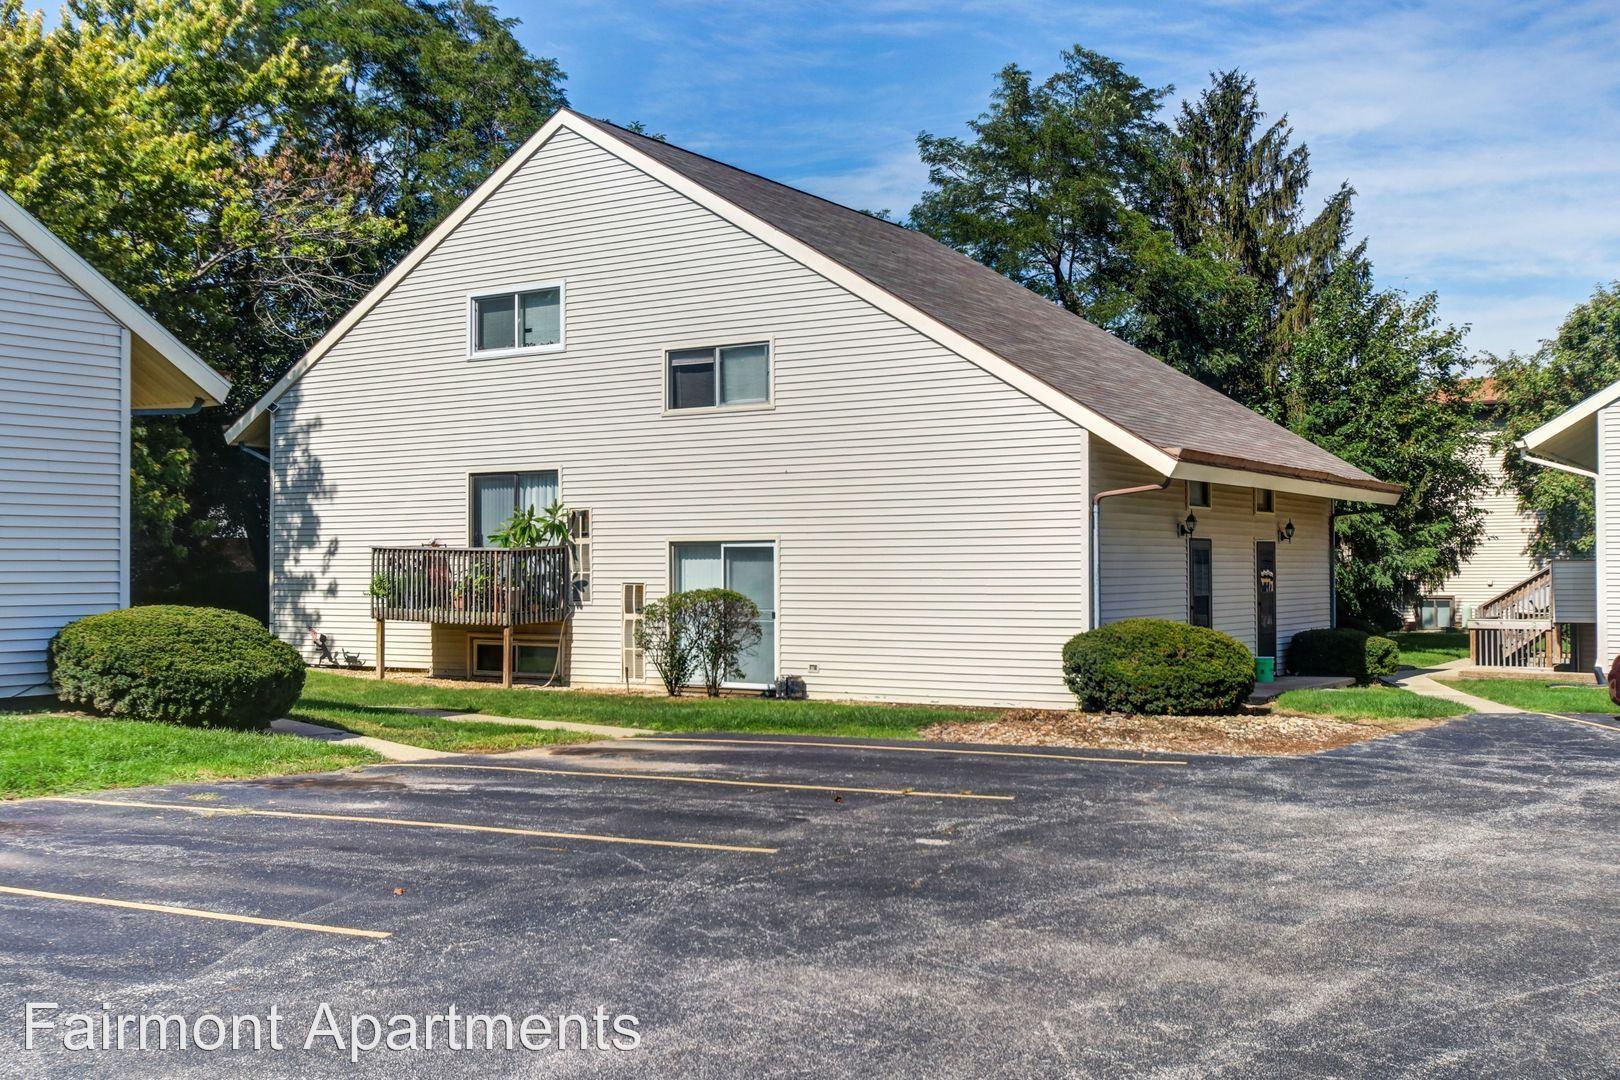 Apartments Near Illinois Wesleyan 717 Fairmont Drive for Illinois Wesleyan University Students in Bloomington, IL